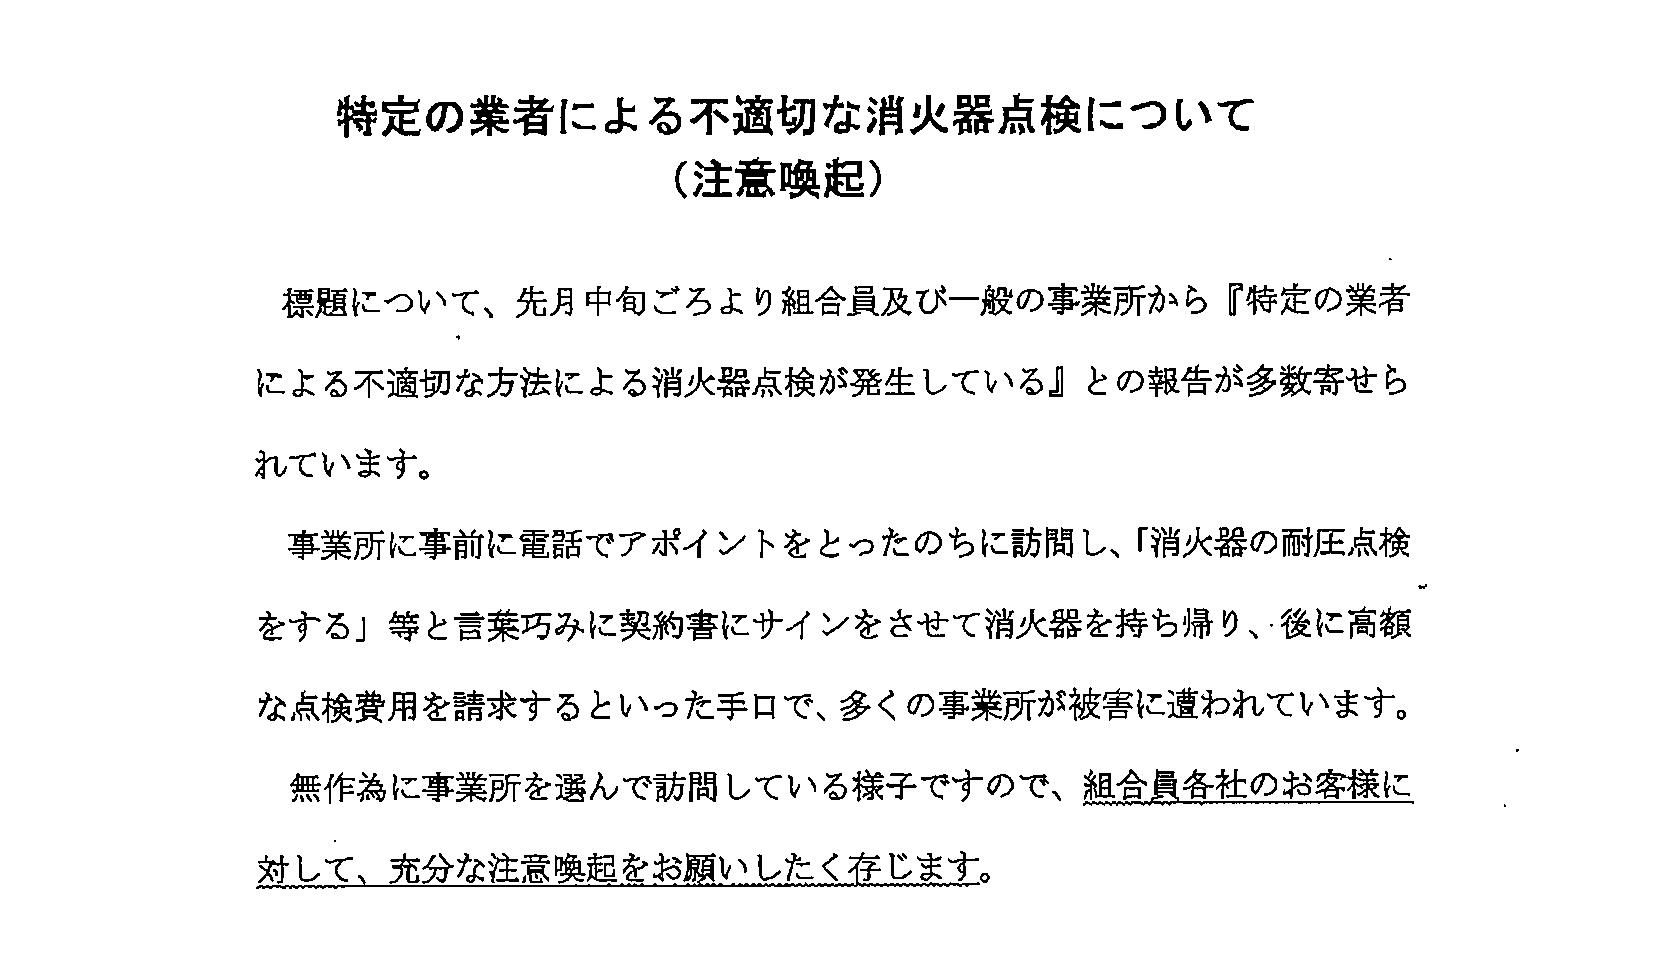 悪徳消防点検業者 注意喚起 2019.8.1